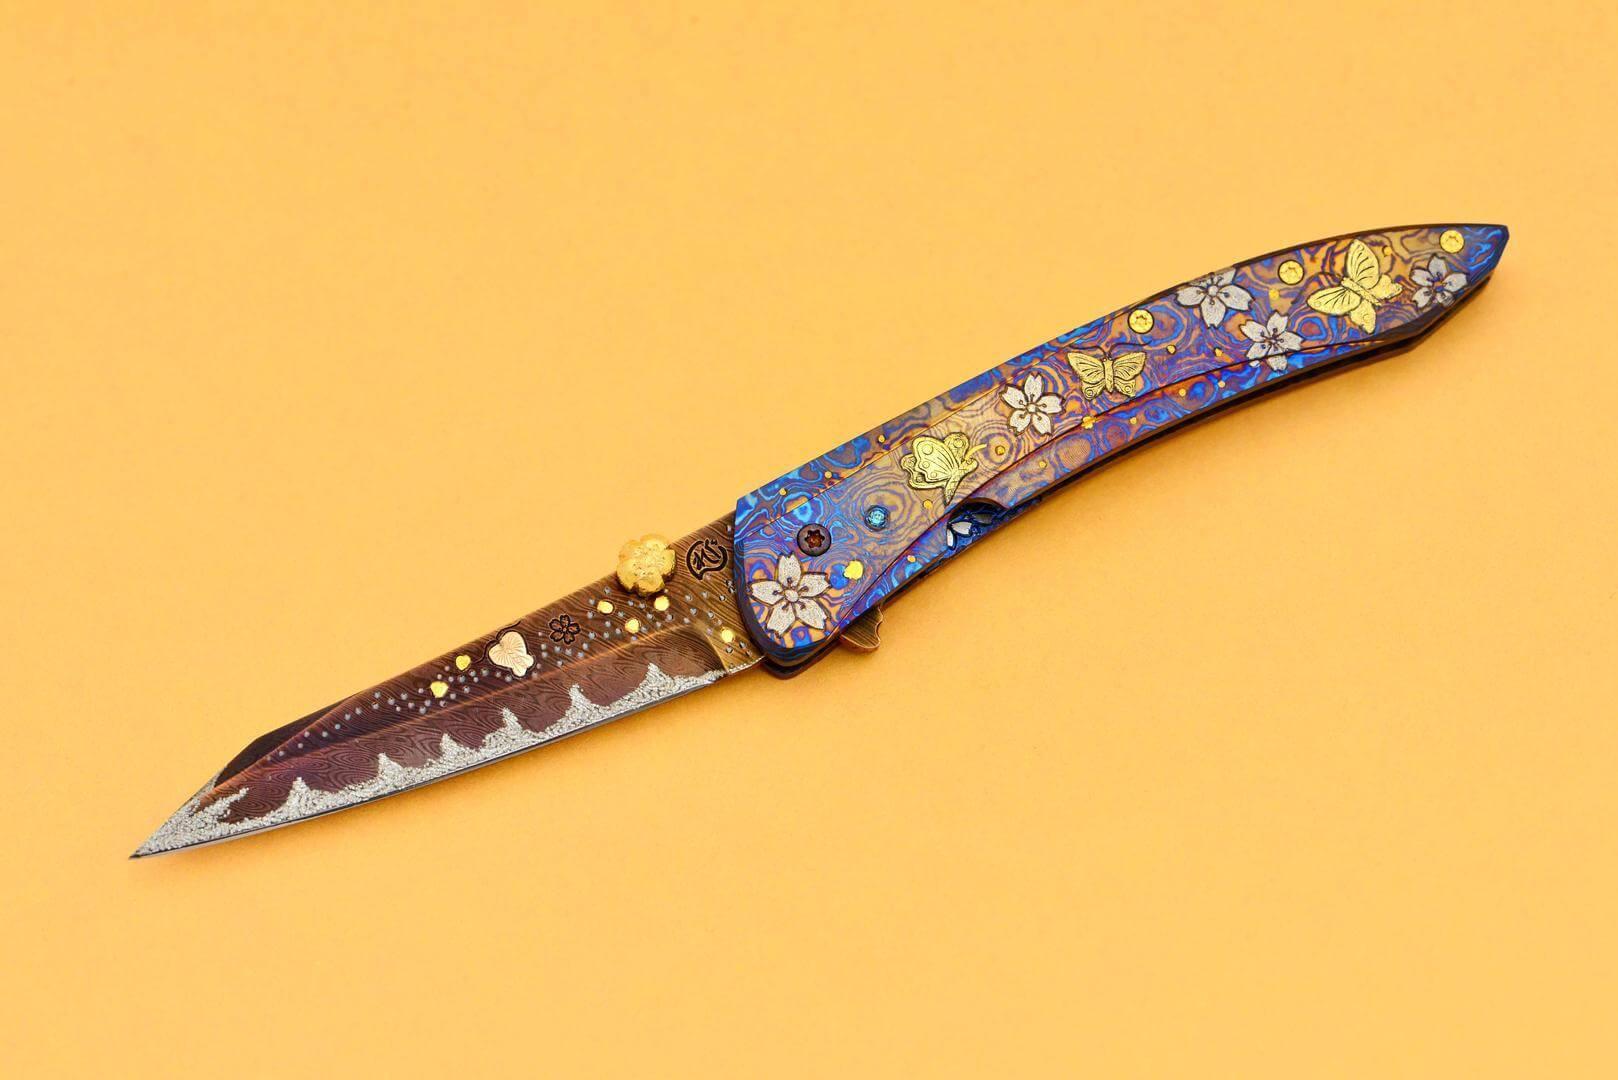 和柄を越えた花魁ナイフ